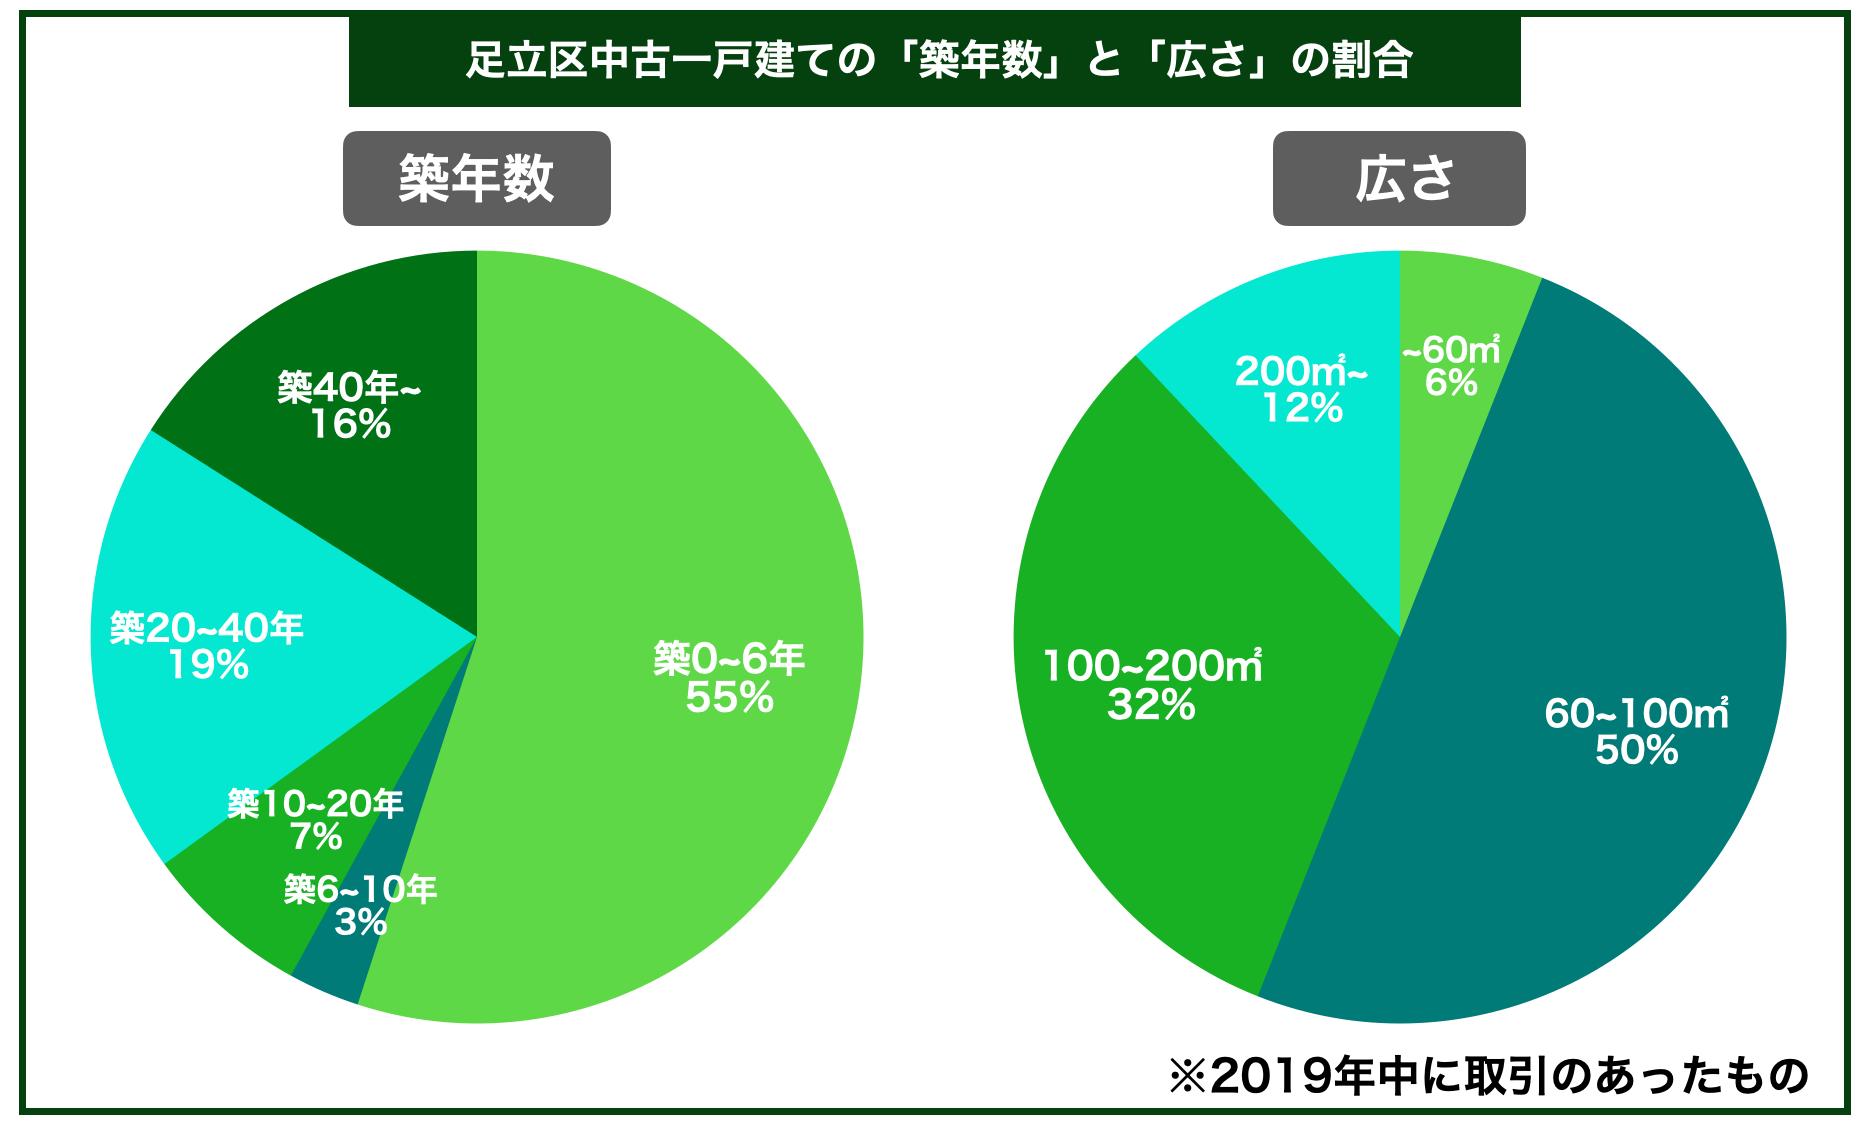 足立区中古一戸建ての平均築年数と広さの割合